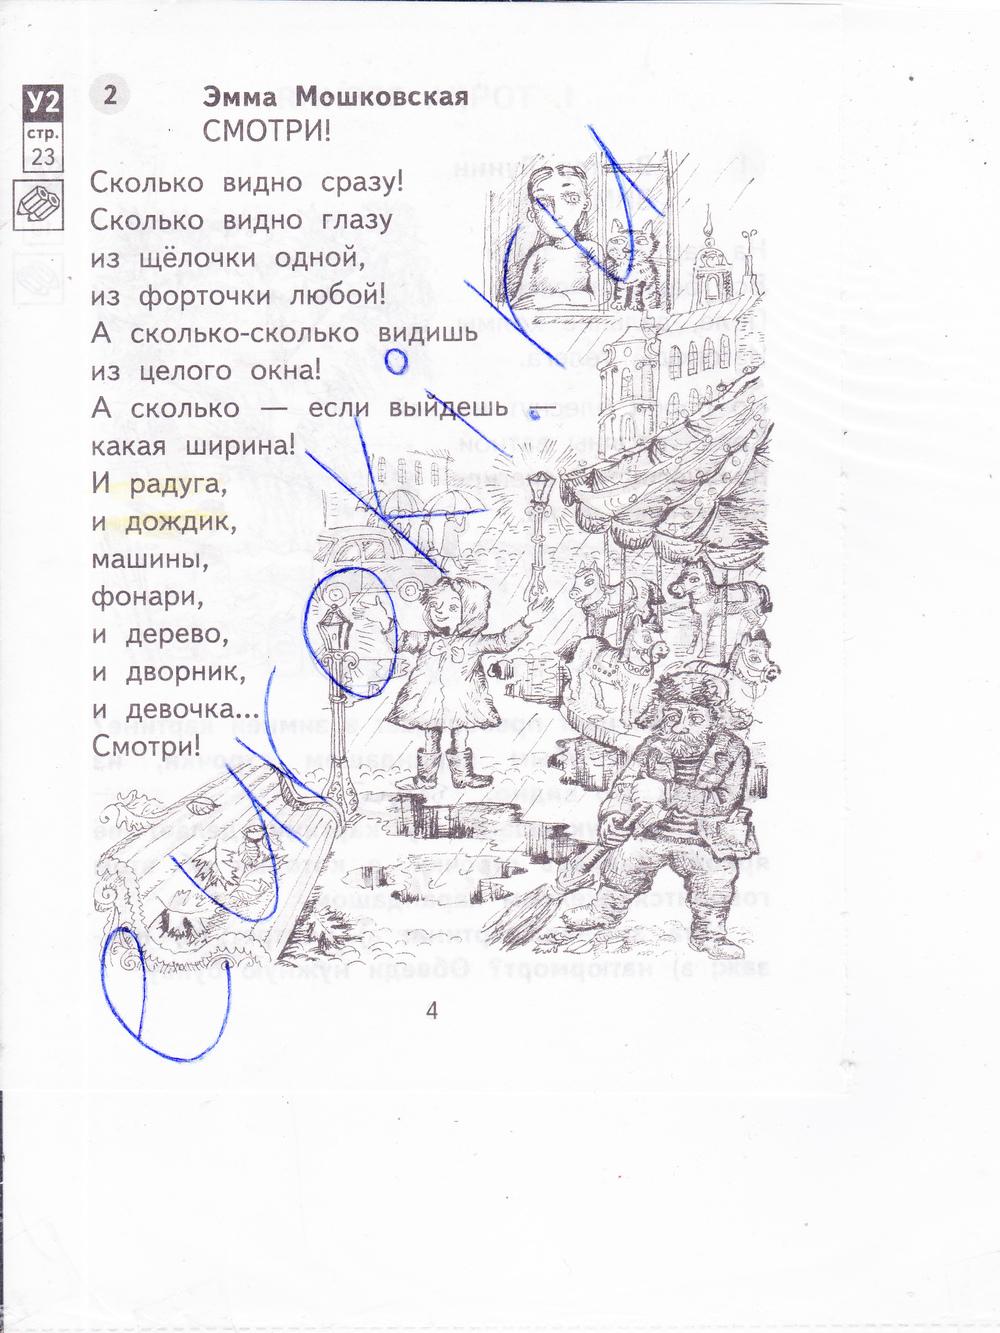 ГДЗ по литературному чтению 2 класс рабочая тетрадь Малаховская Часть 1, 2. Задание: стр. 4